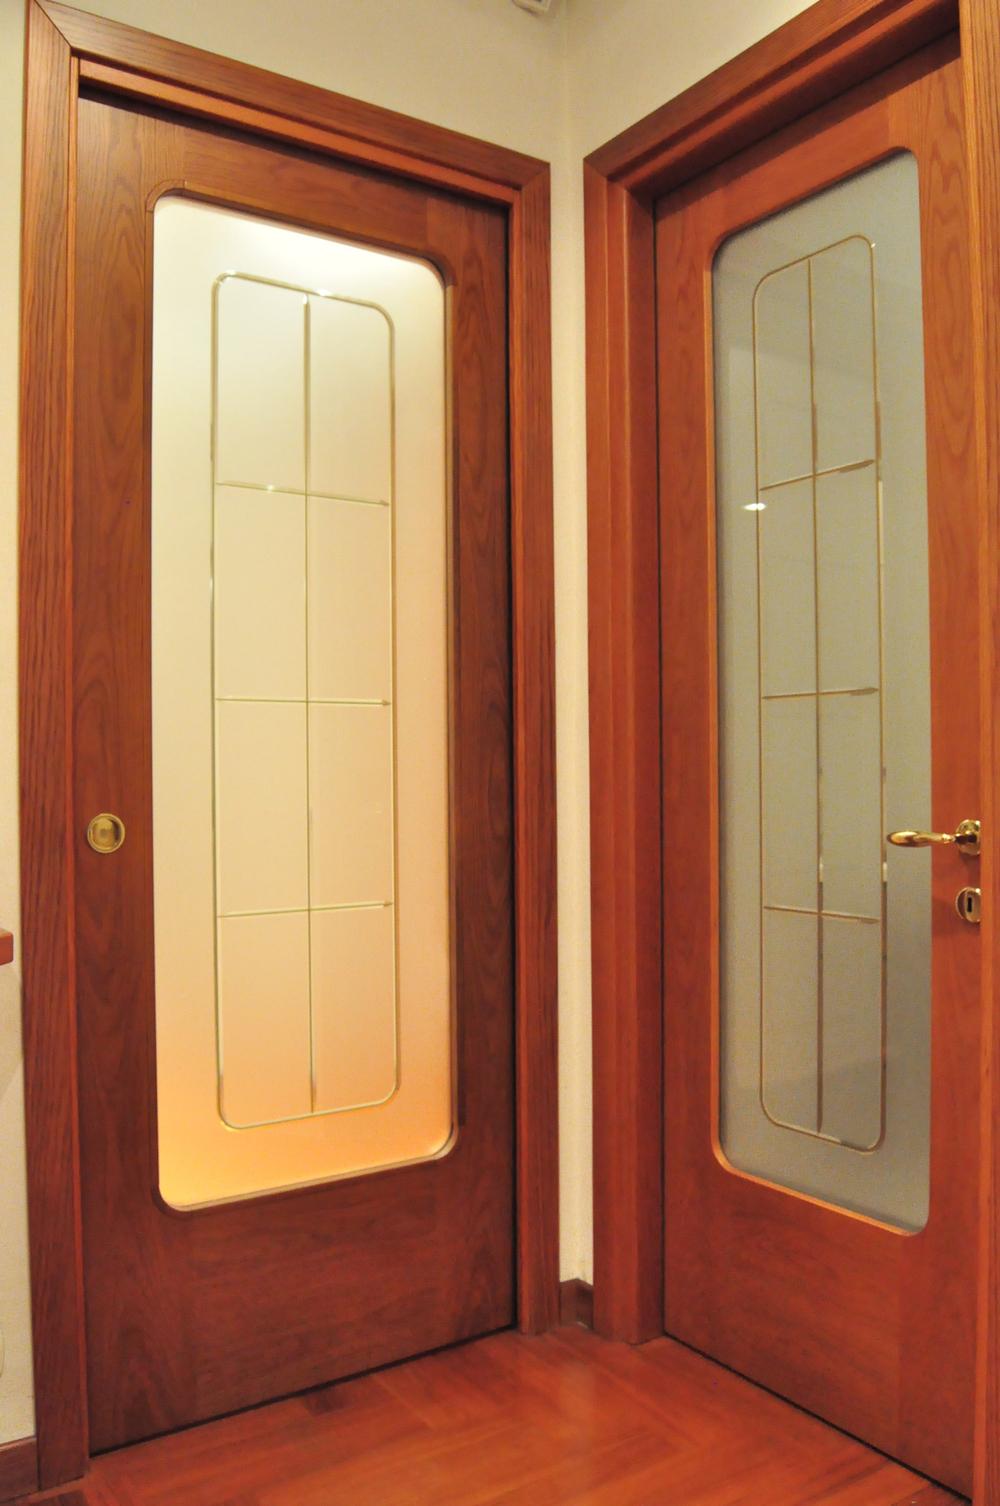 Porte roncoroni legno - Porte stile inglese ...